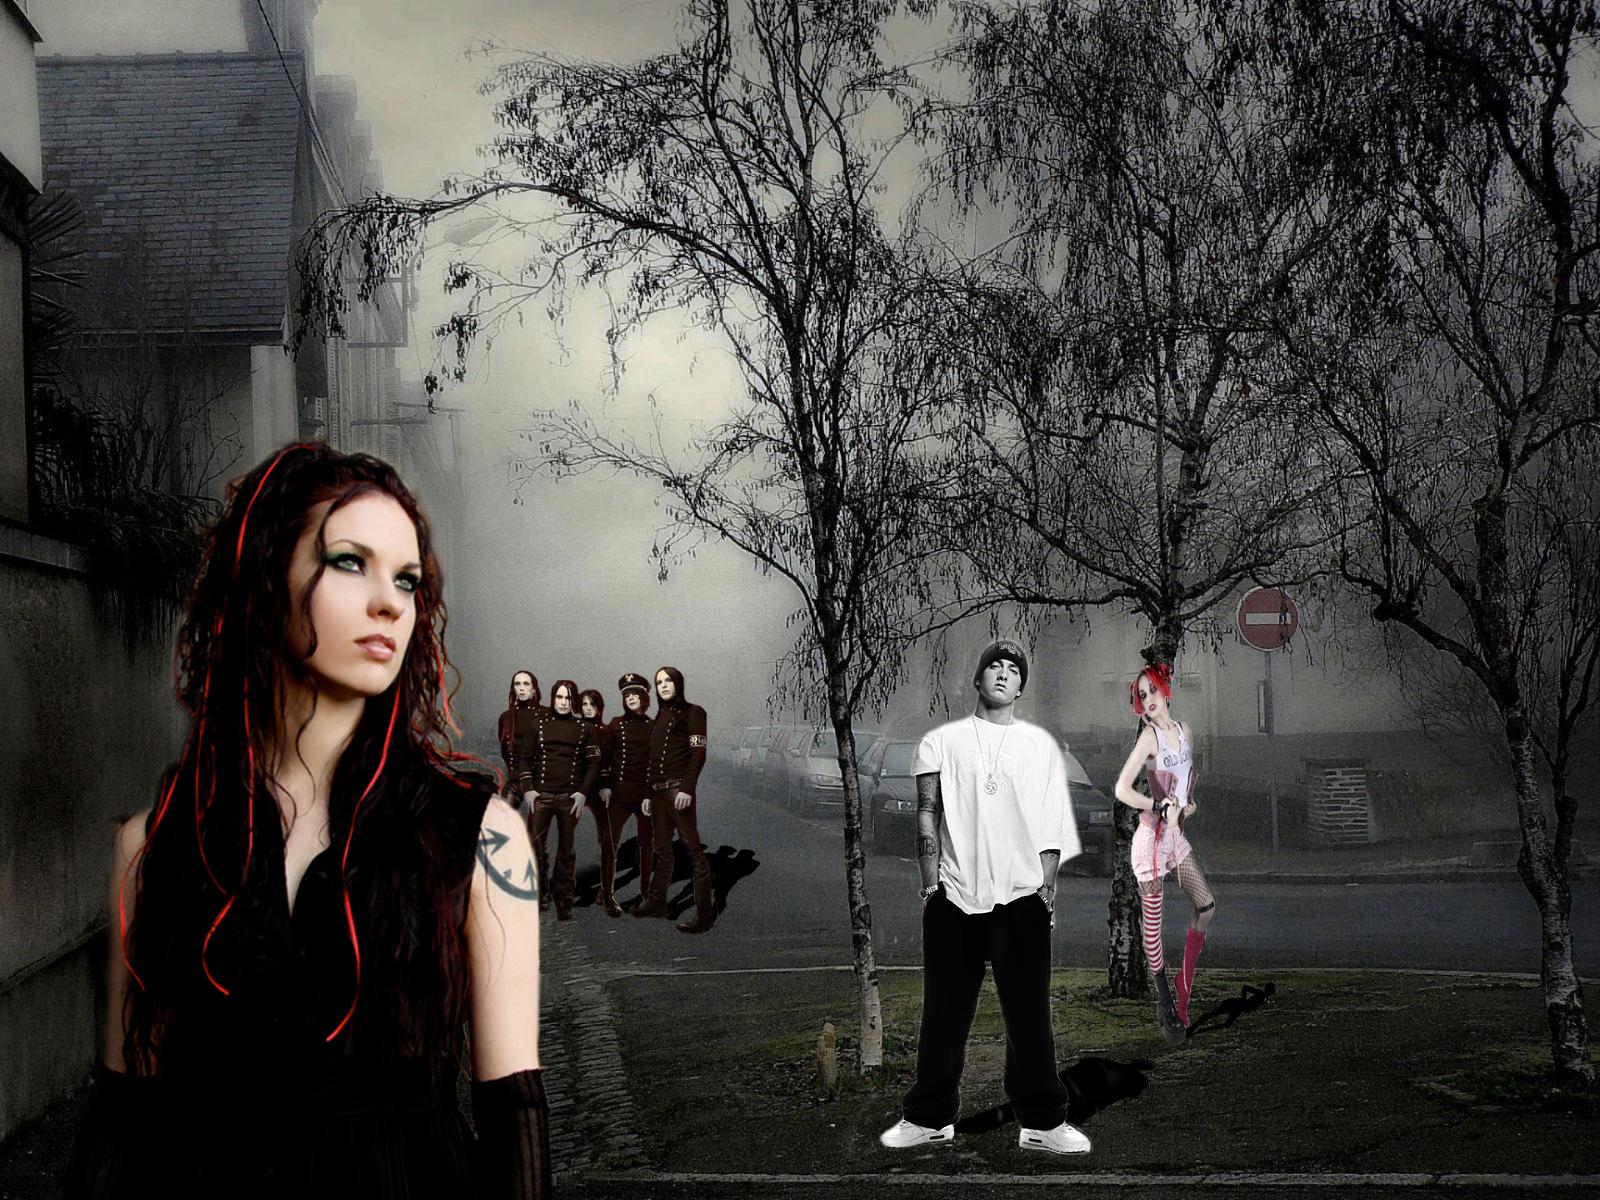 Скачать обои фото картинку на тему туман, машины, деревья, разширение